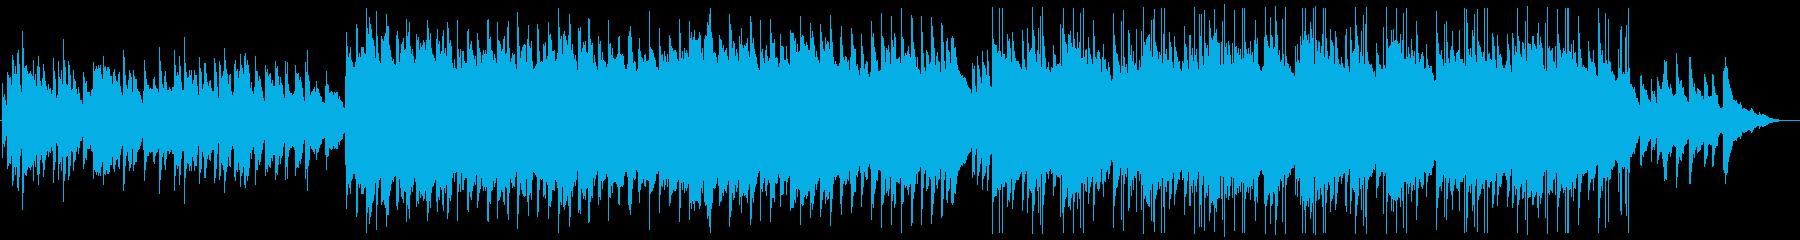 センチメンタルな雰囲気のピアノ曲の再生済みの波形